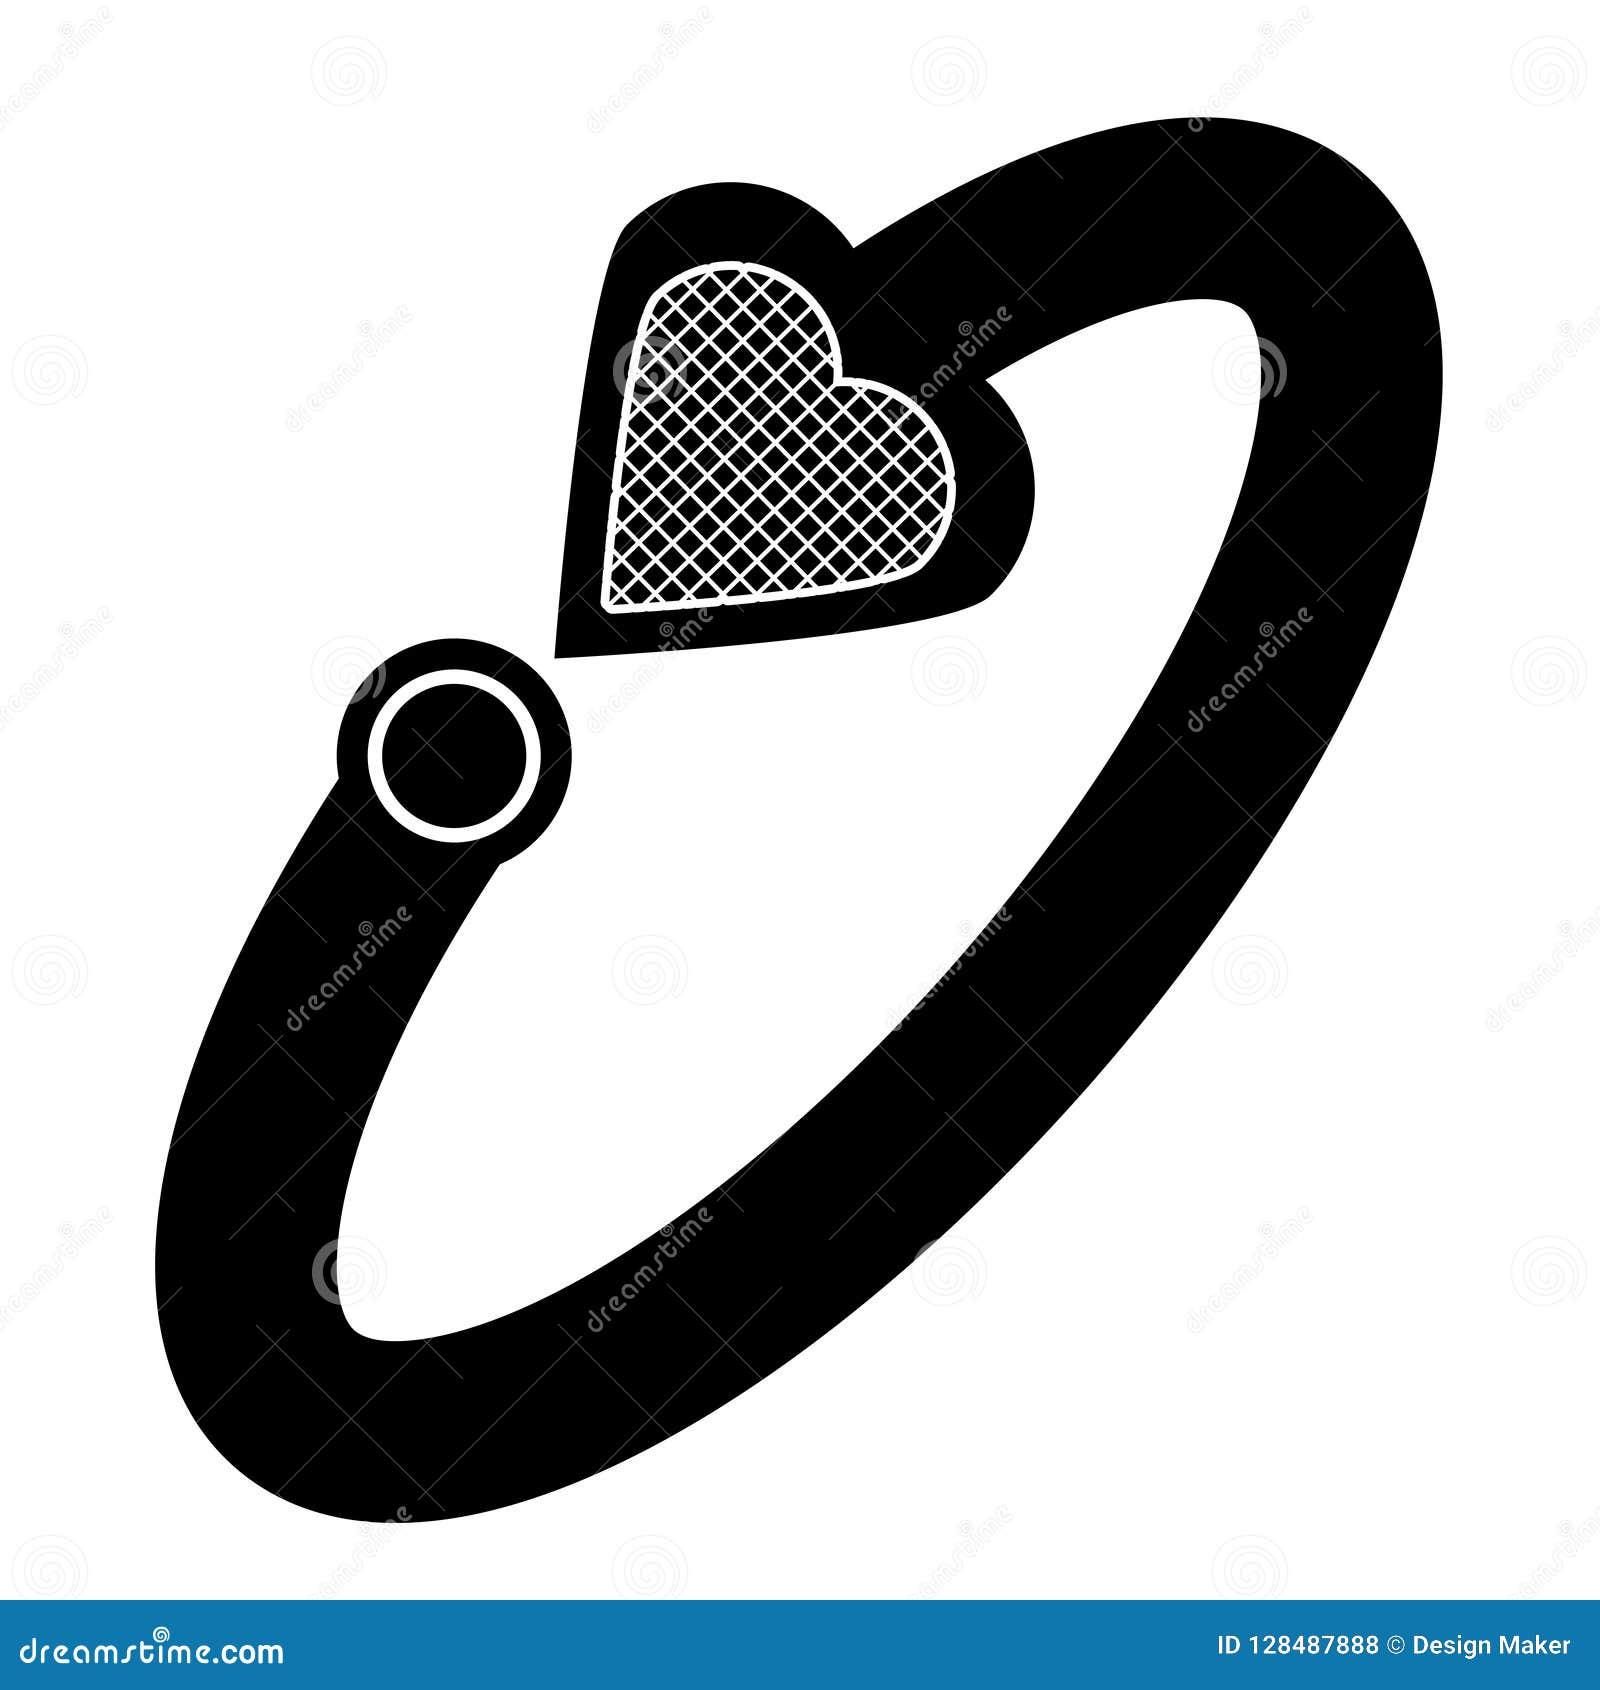 Кольцо с бриллиантом, Обручальное кольцо Рисунок Ювелирные изделия ... | 1690x1600